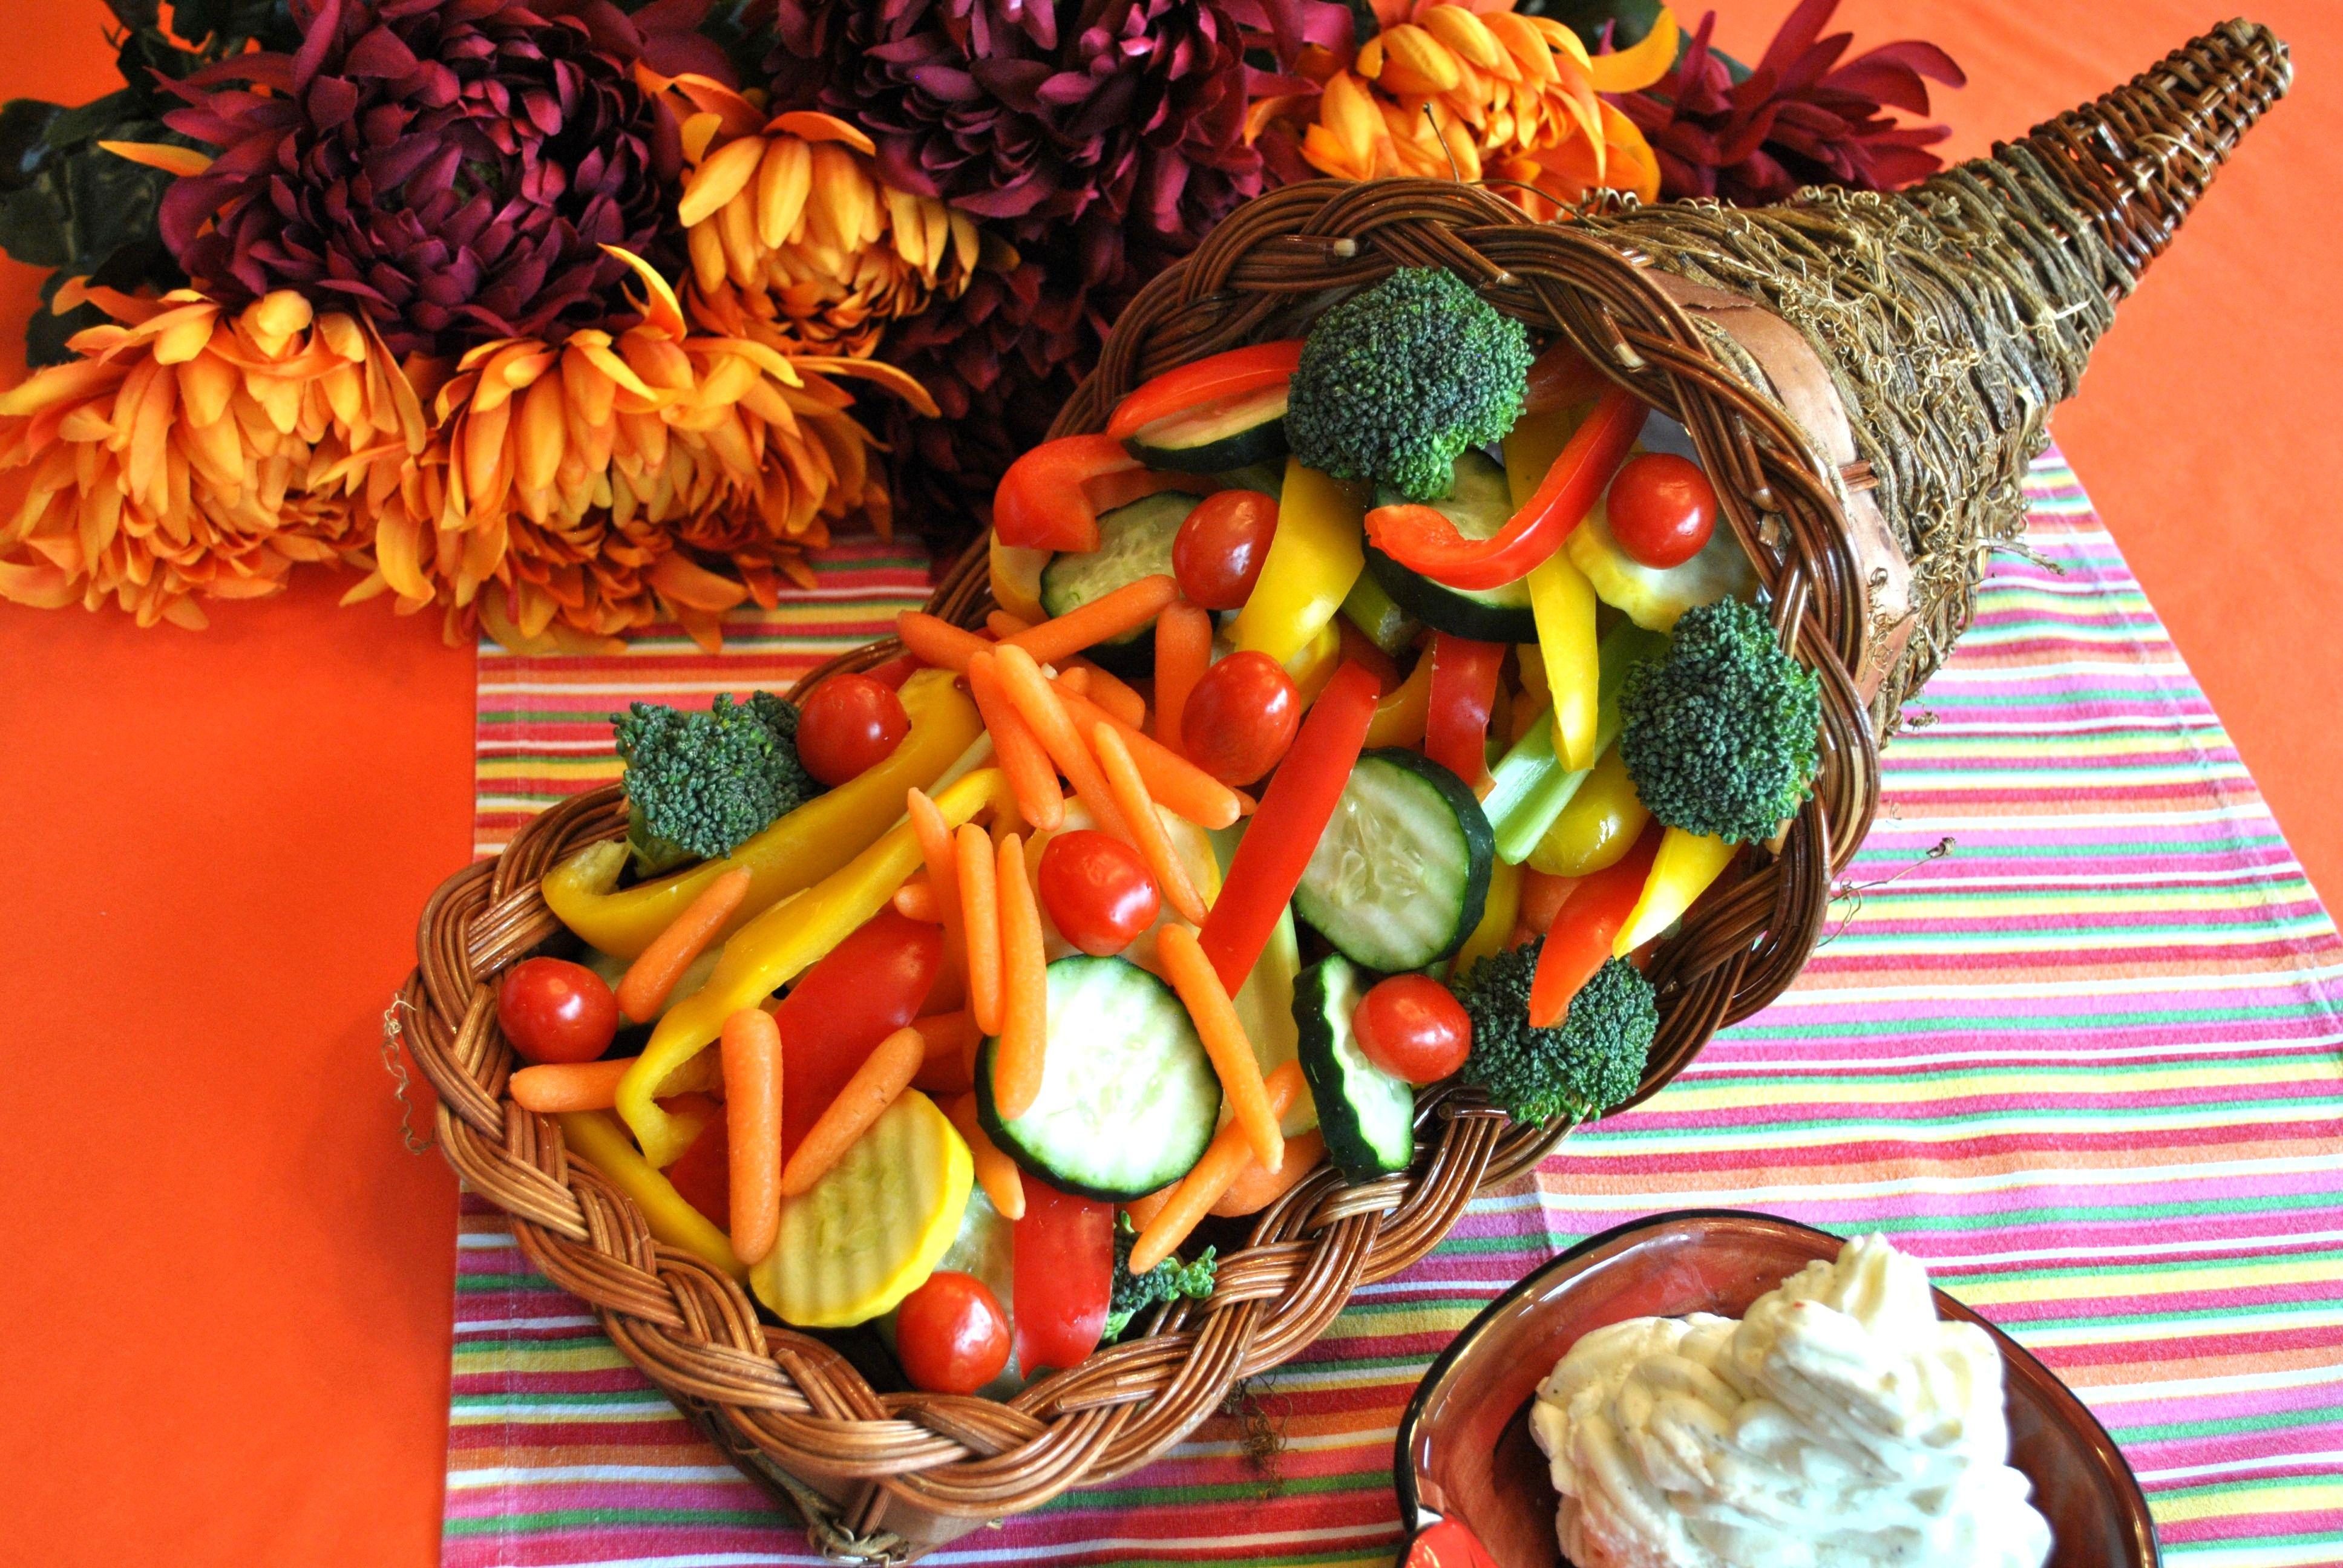 Serve up this veggie cornucopia!